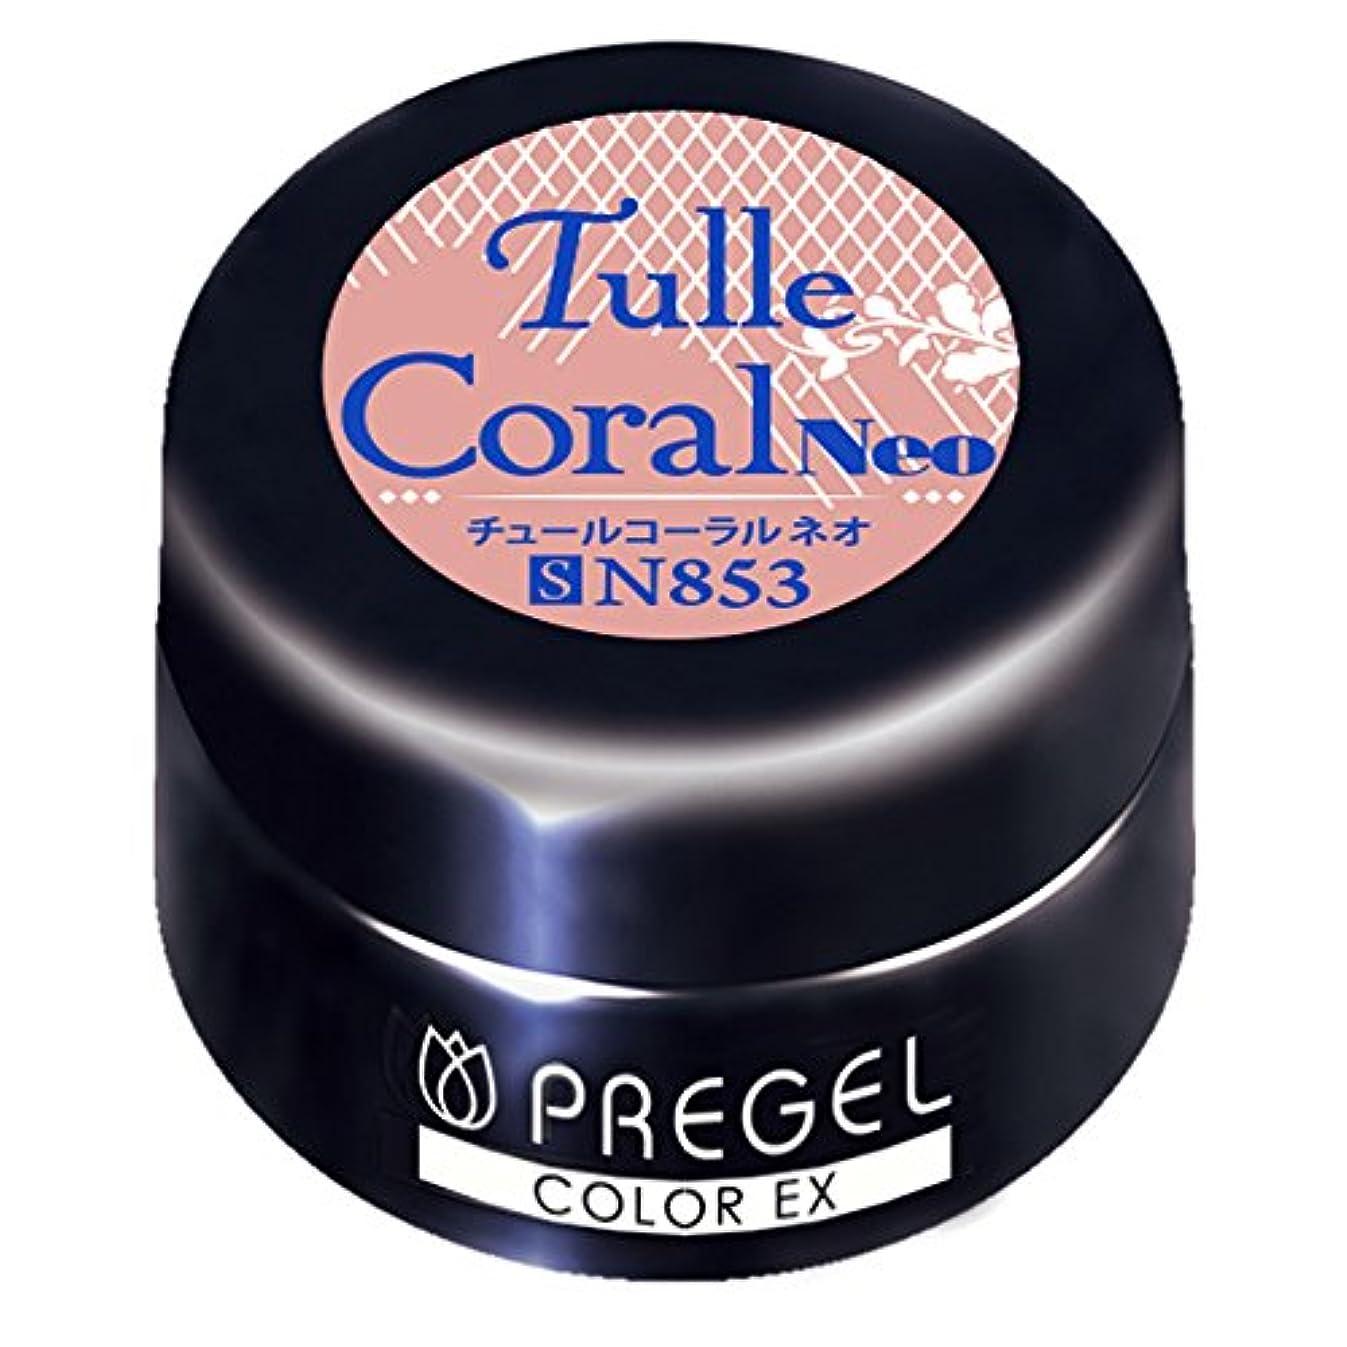 PRE GEL カラーEX チュールコーラルneo853 3g UV/LED対応